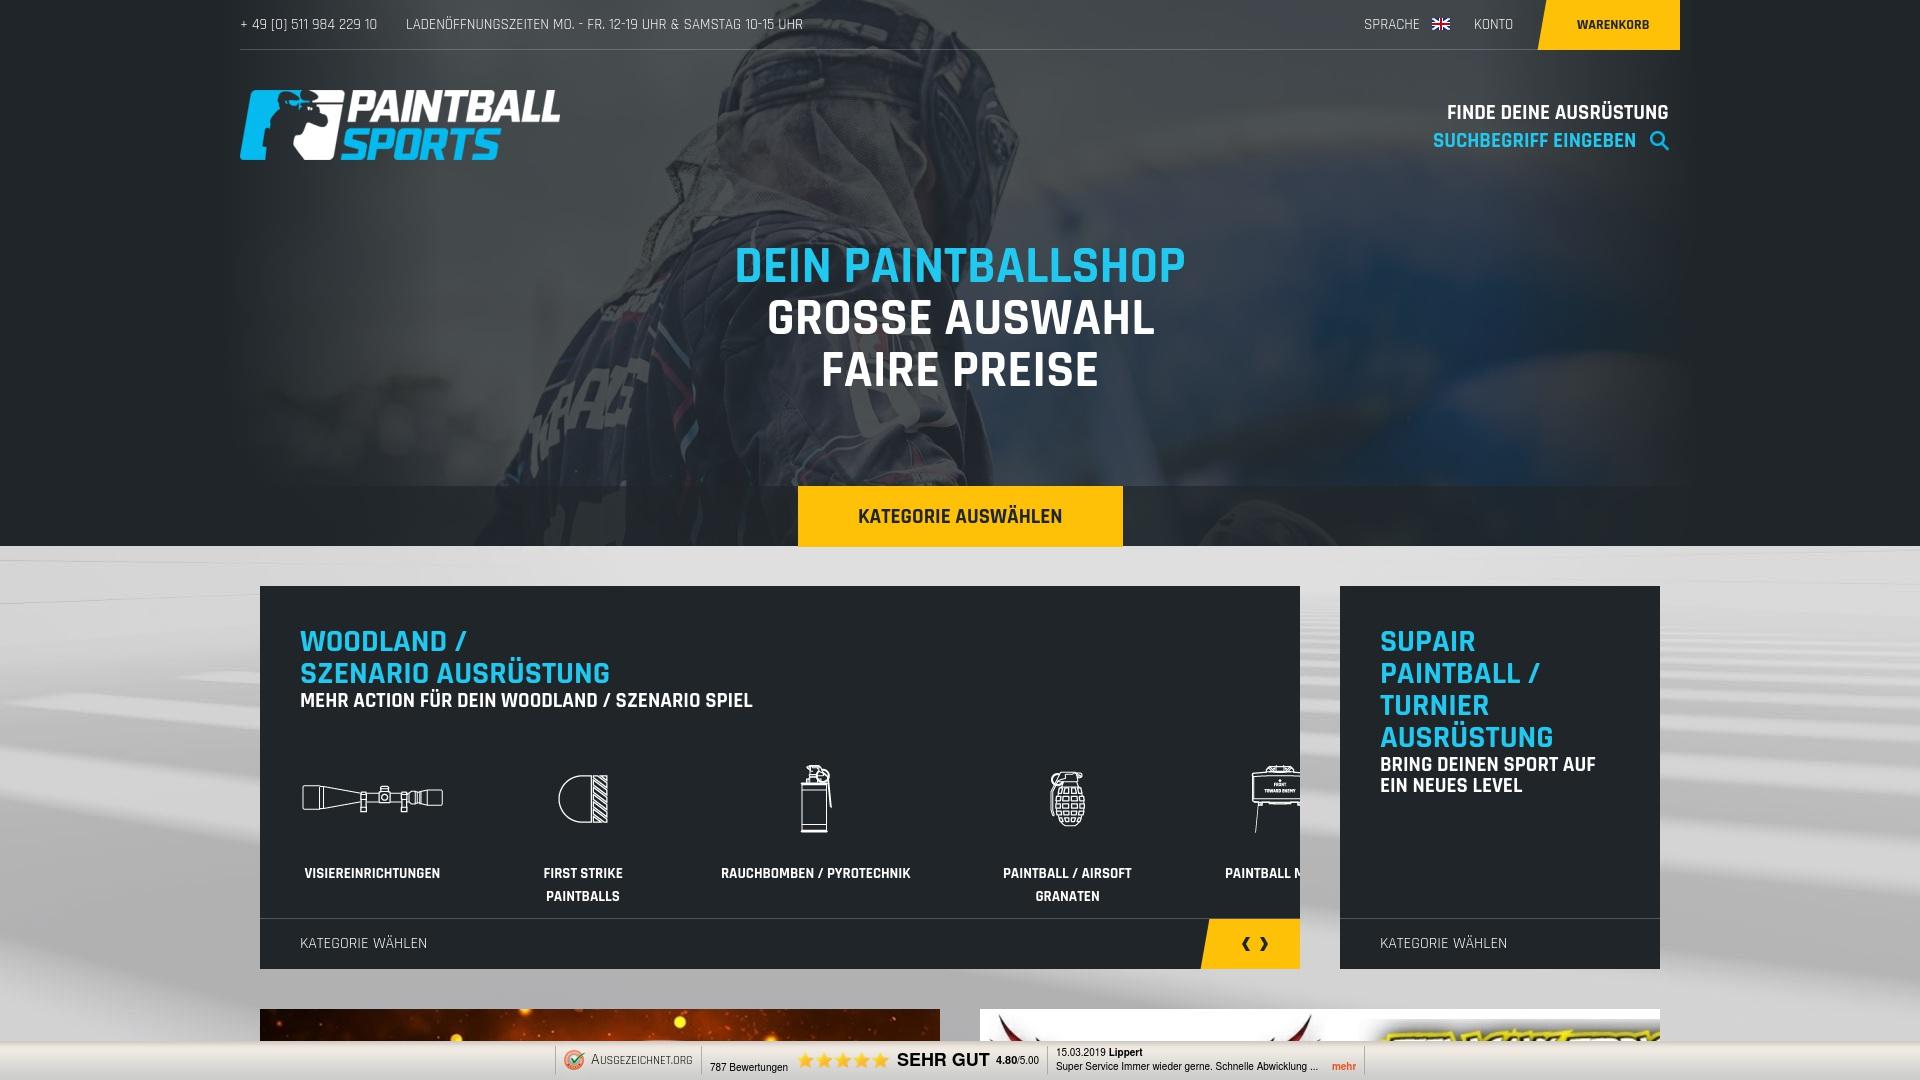 Gutschein für Paintballsports: Rabatte für  Paintballsports sichern